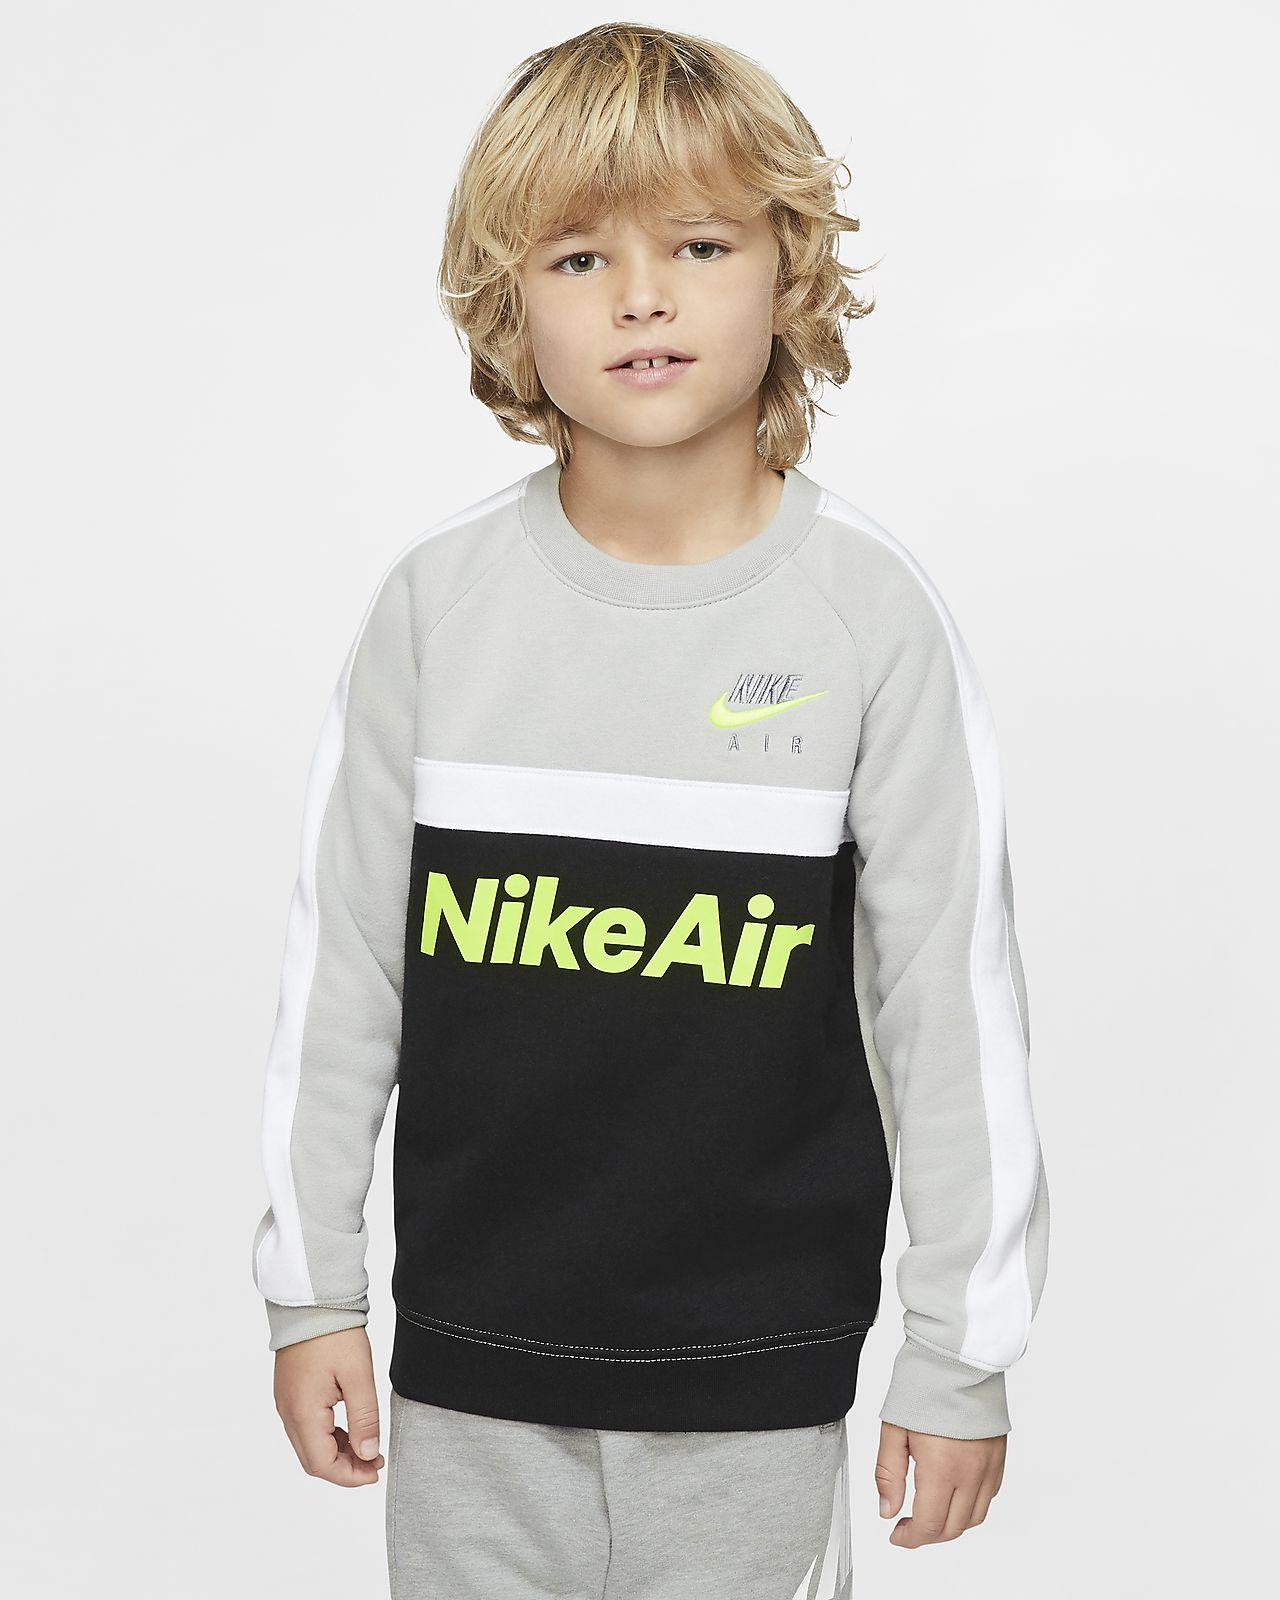 Tröja med rund hals Nike Air för barn